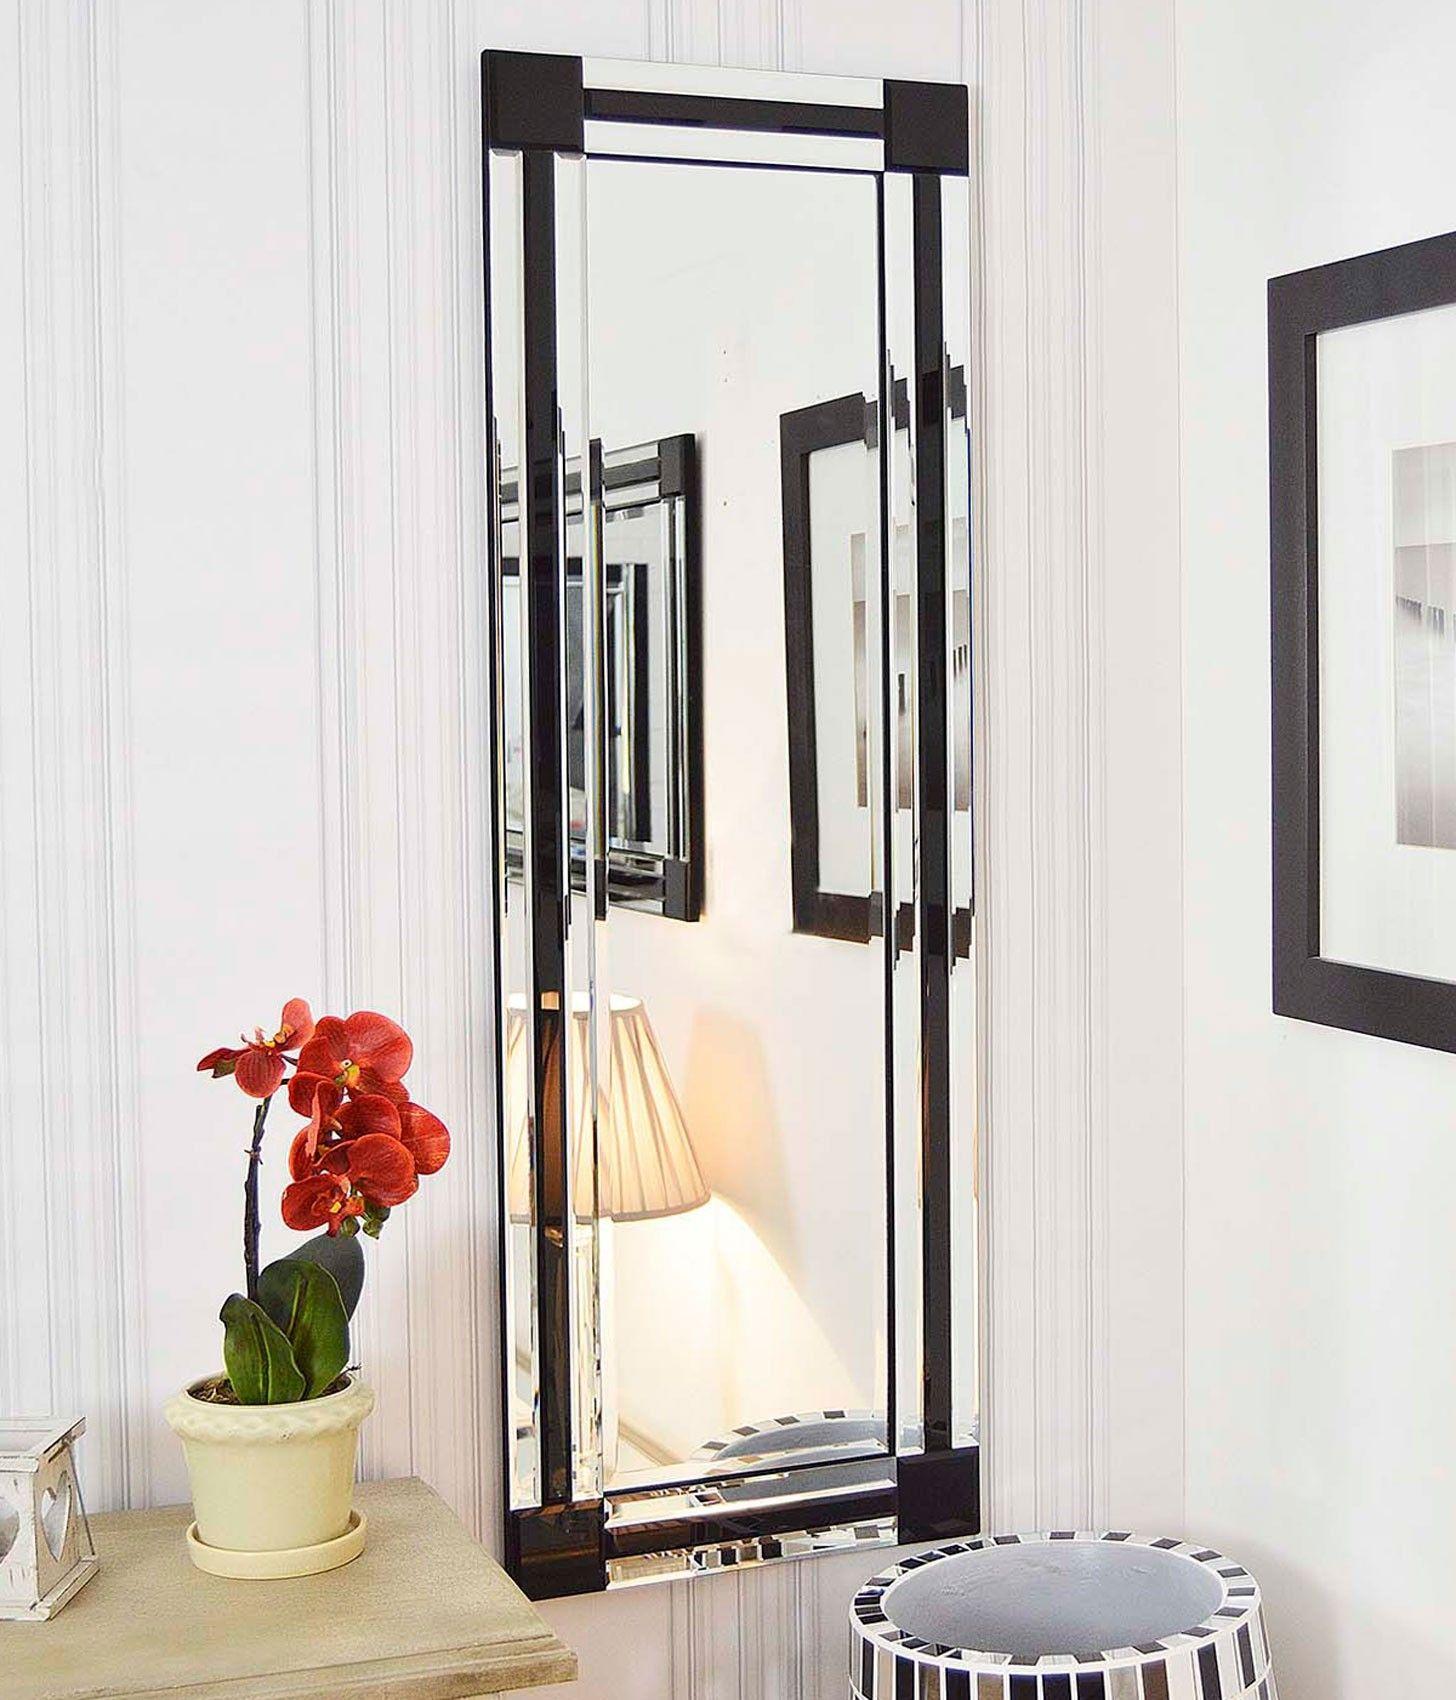 Salon-spiegel-designs  venezianische abgeschrägte spiegel  spiegel  pinterest